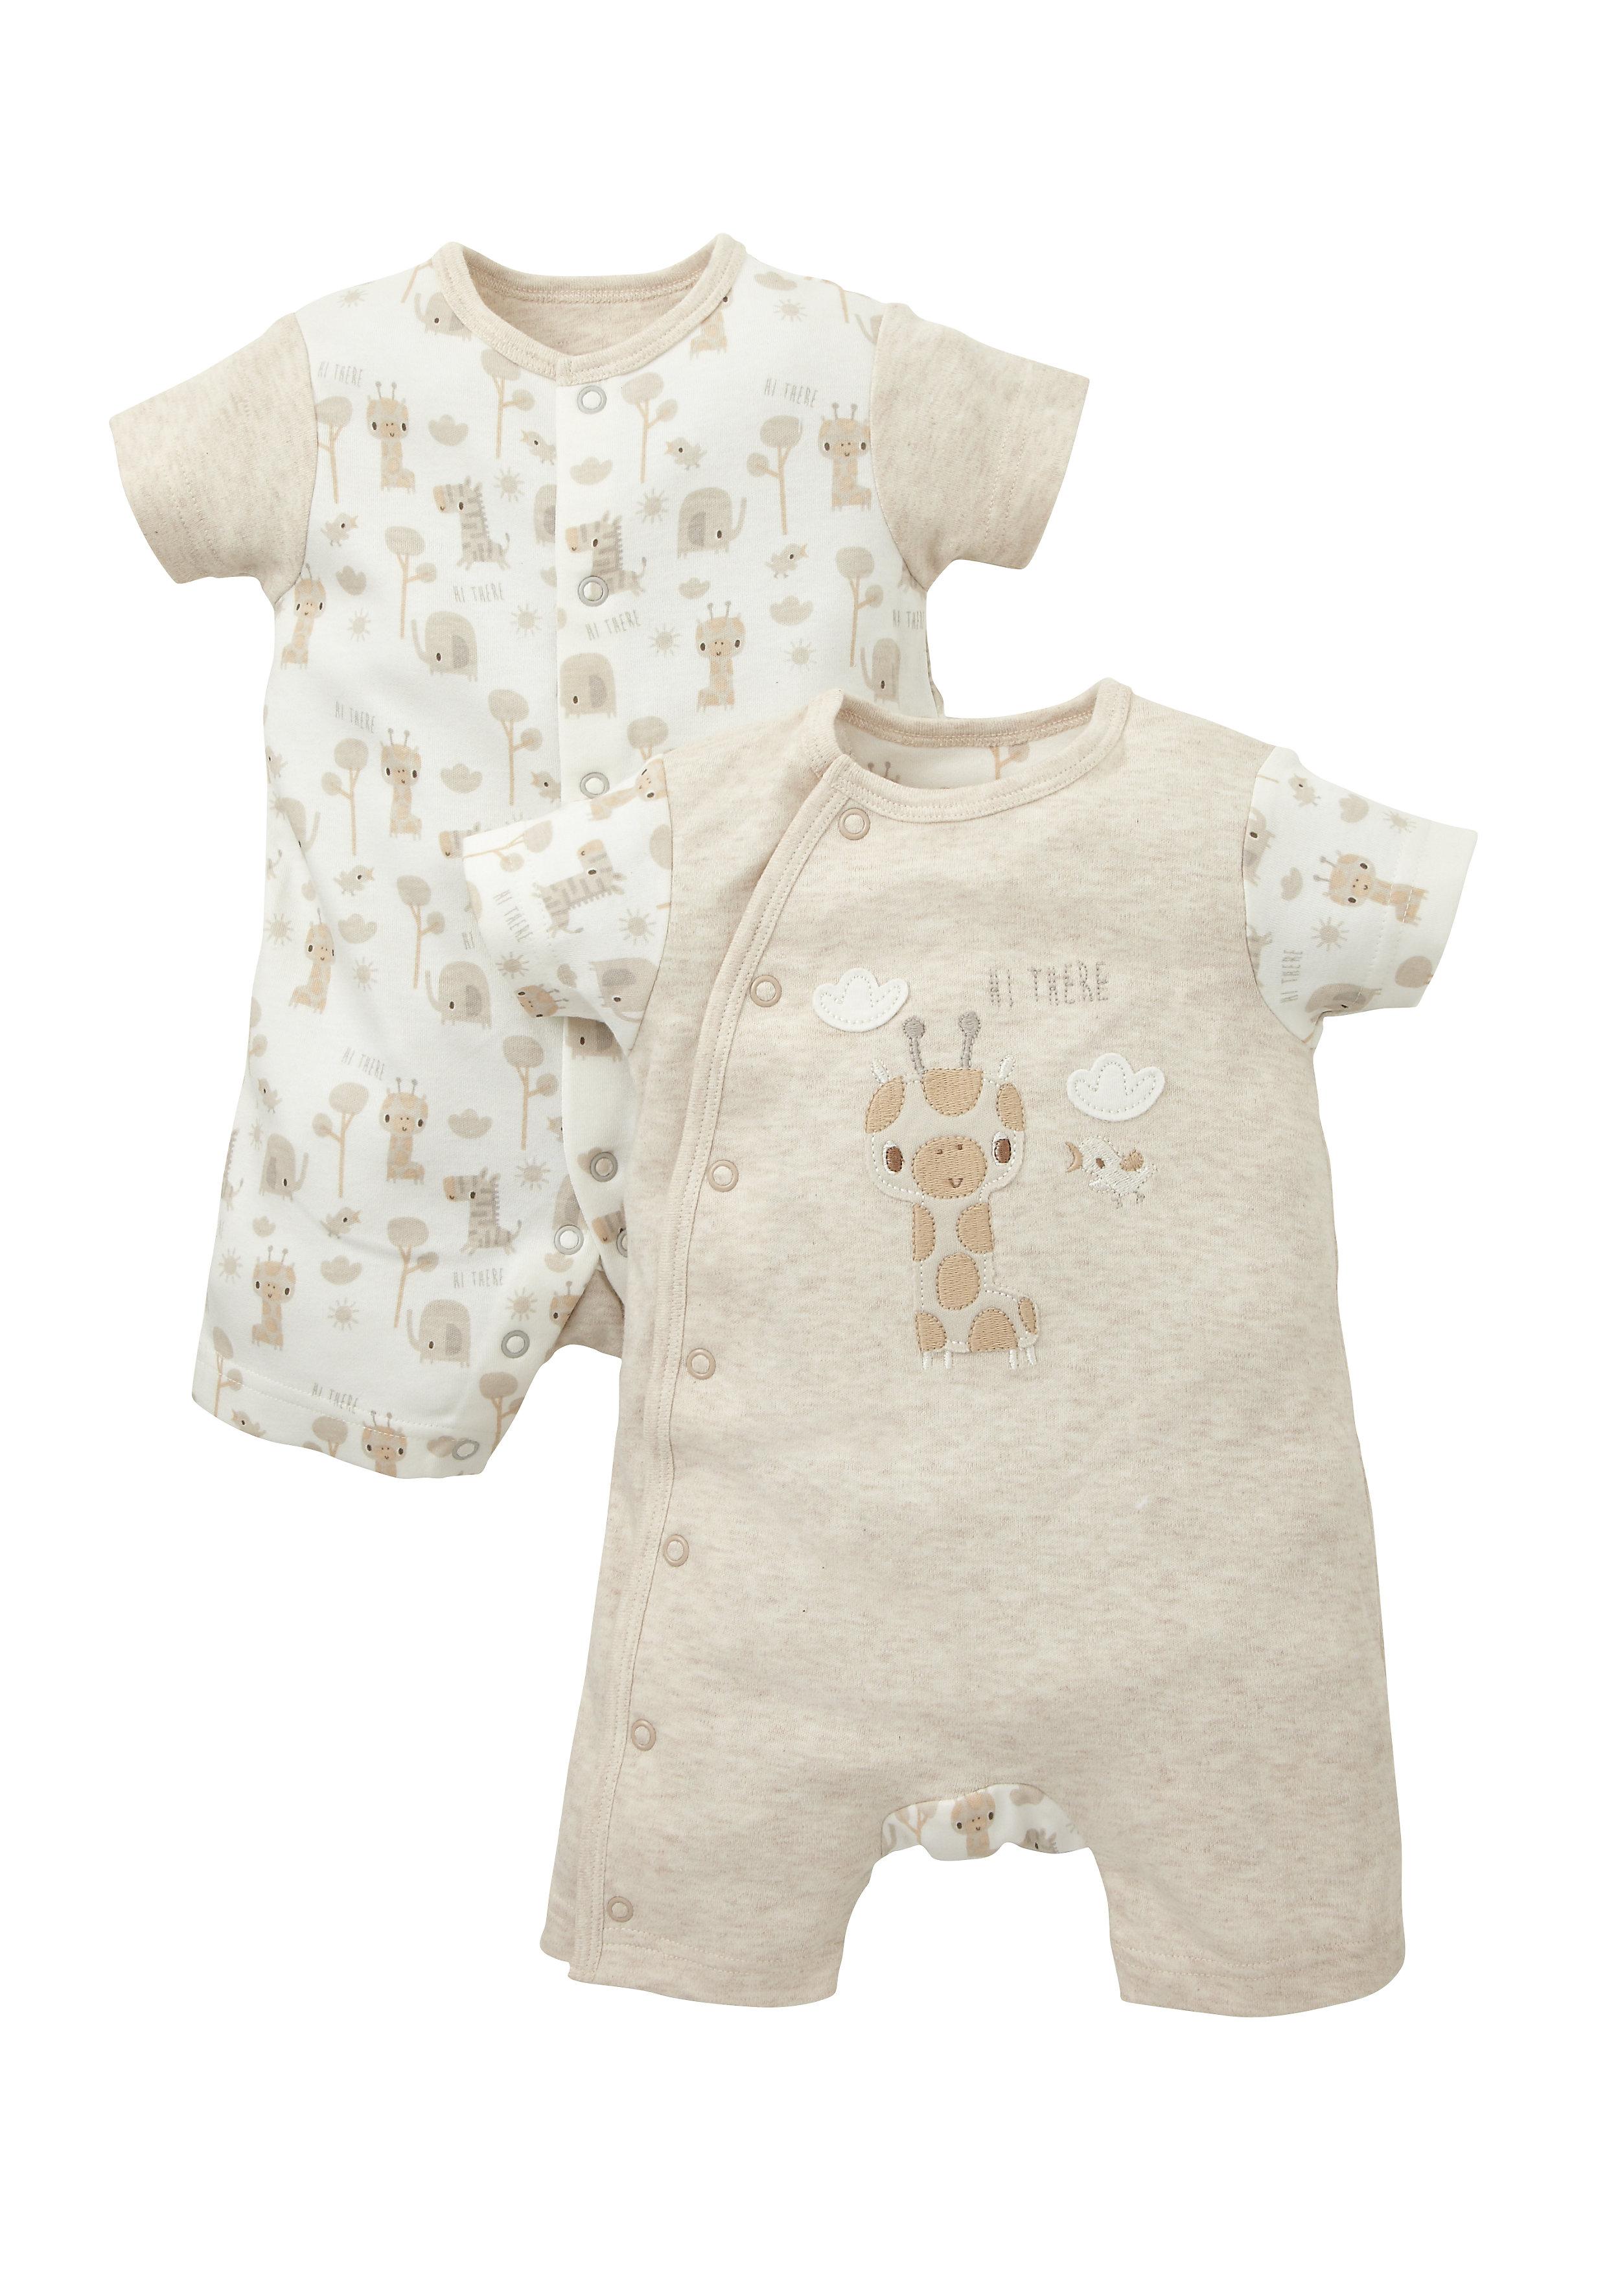 Mothercare | Unisex Half Sleeves Romper Jungle Print - Pack Of 2 - Beige